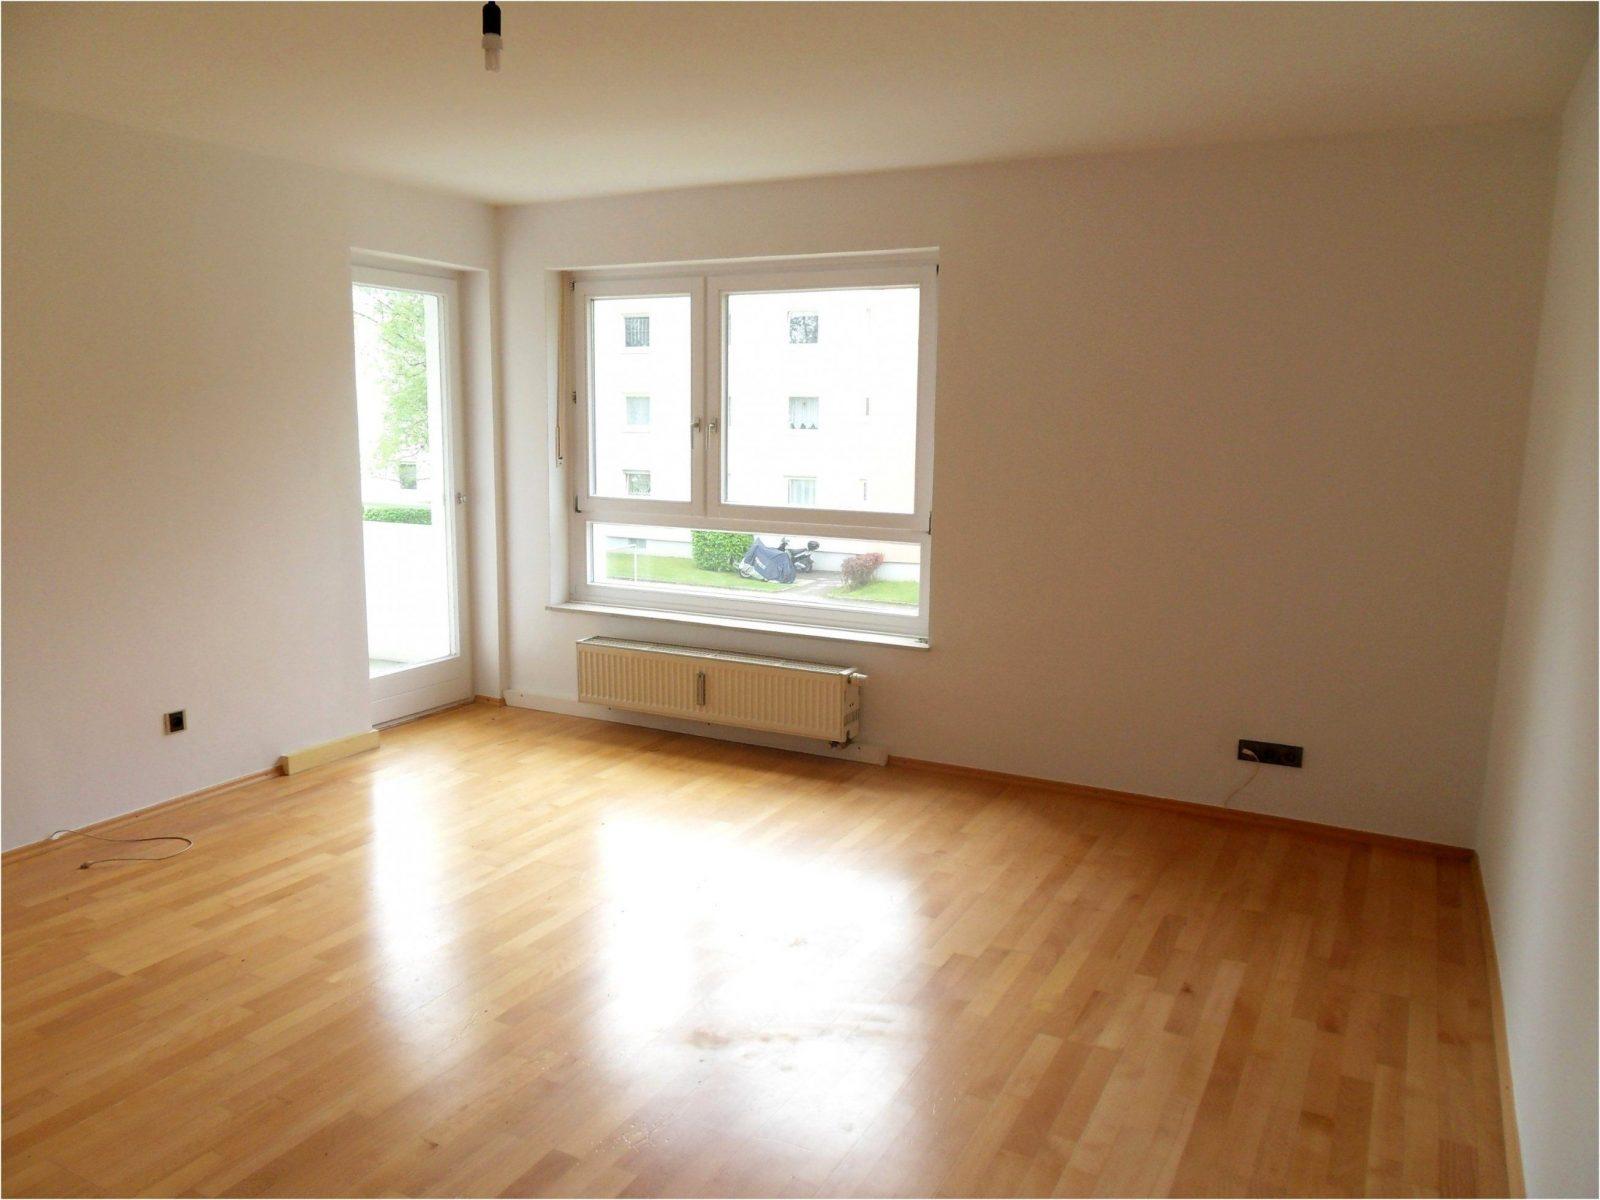 Wohnung Mieten Ohne Provision Und Kaution Nürnberg  Beste Sammlung von Wohnung Mieten Nürnberg Ohne Provision Photo